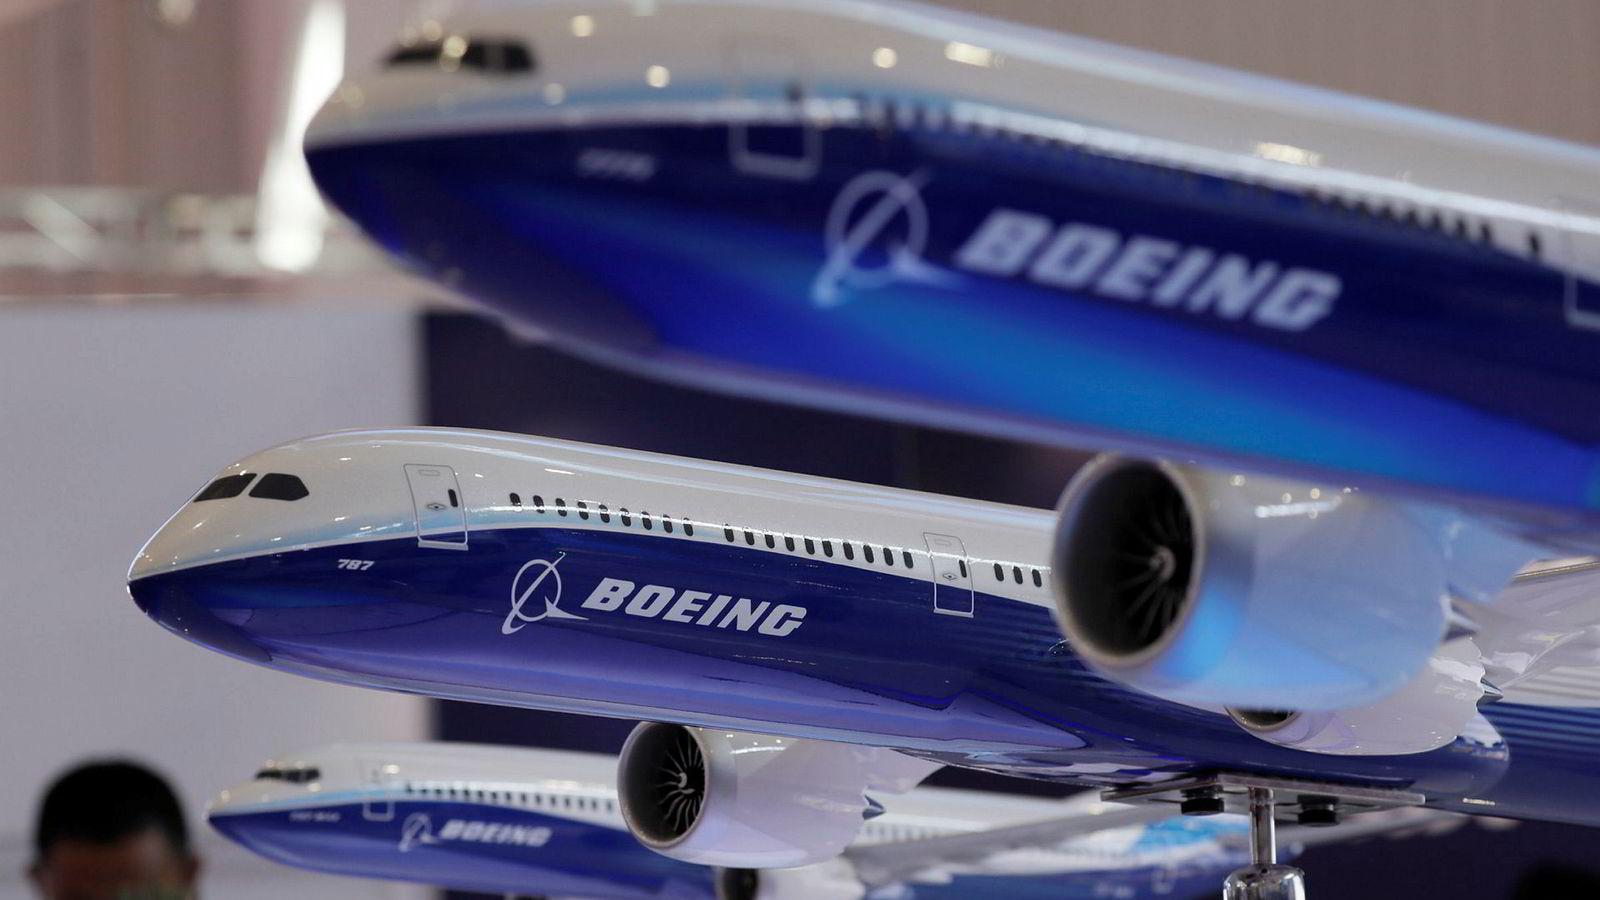 Boeing-modeller på utstilling i den kinesiske byen Zhuhai forrige måned. Nå åpner flygiganten for produksjon av fly i originalstørrelse i samme land.